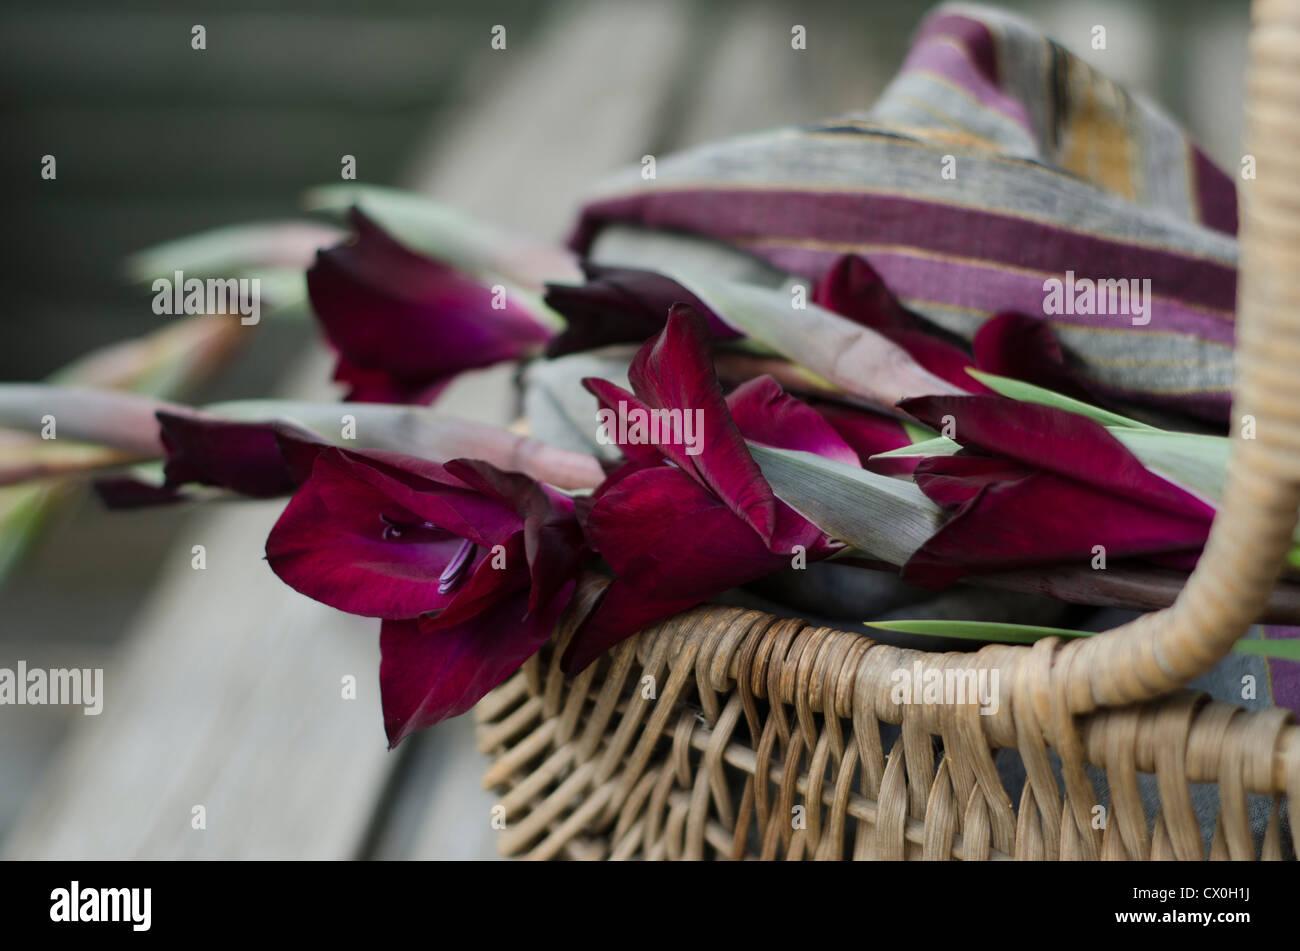 burgundy gladioli photos burgundy gladioli images alamy. Black Bedroom Furniture Sets. Home Design Ideas